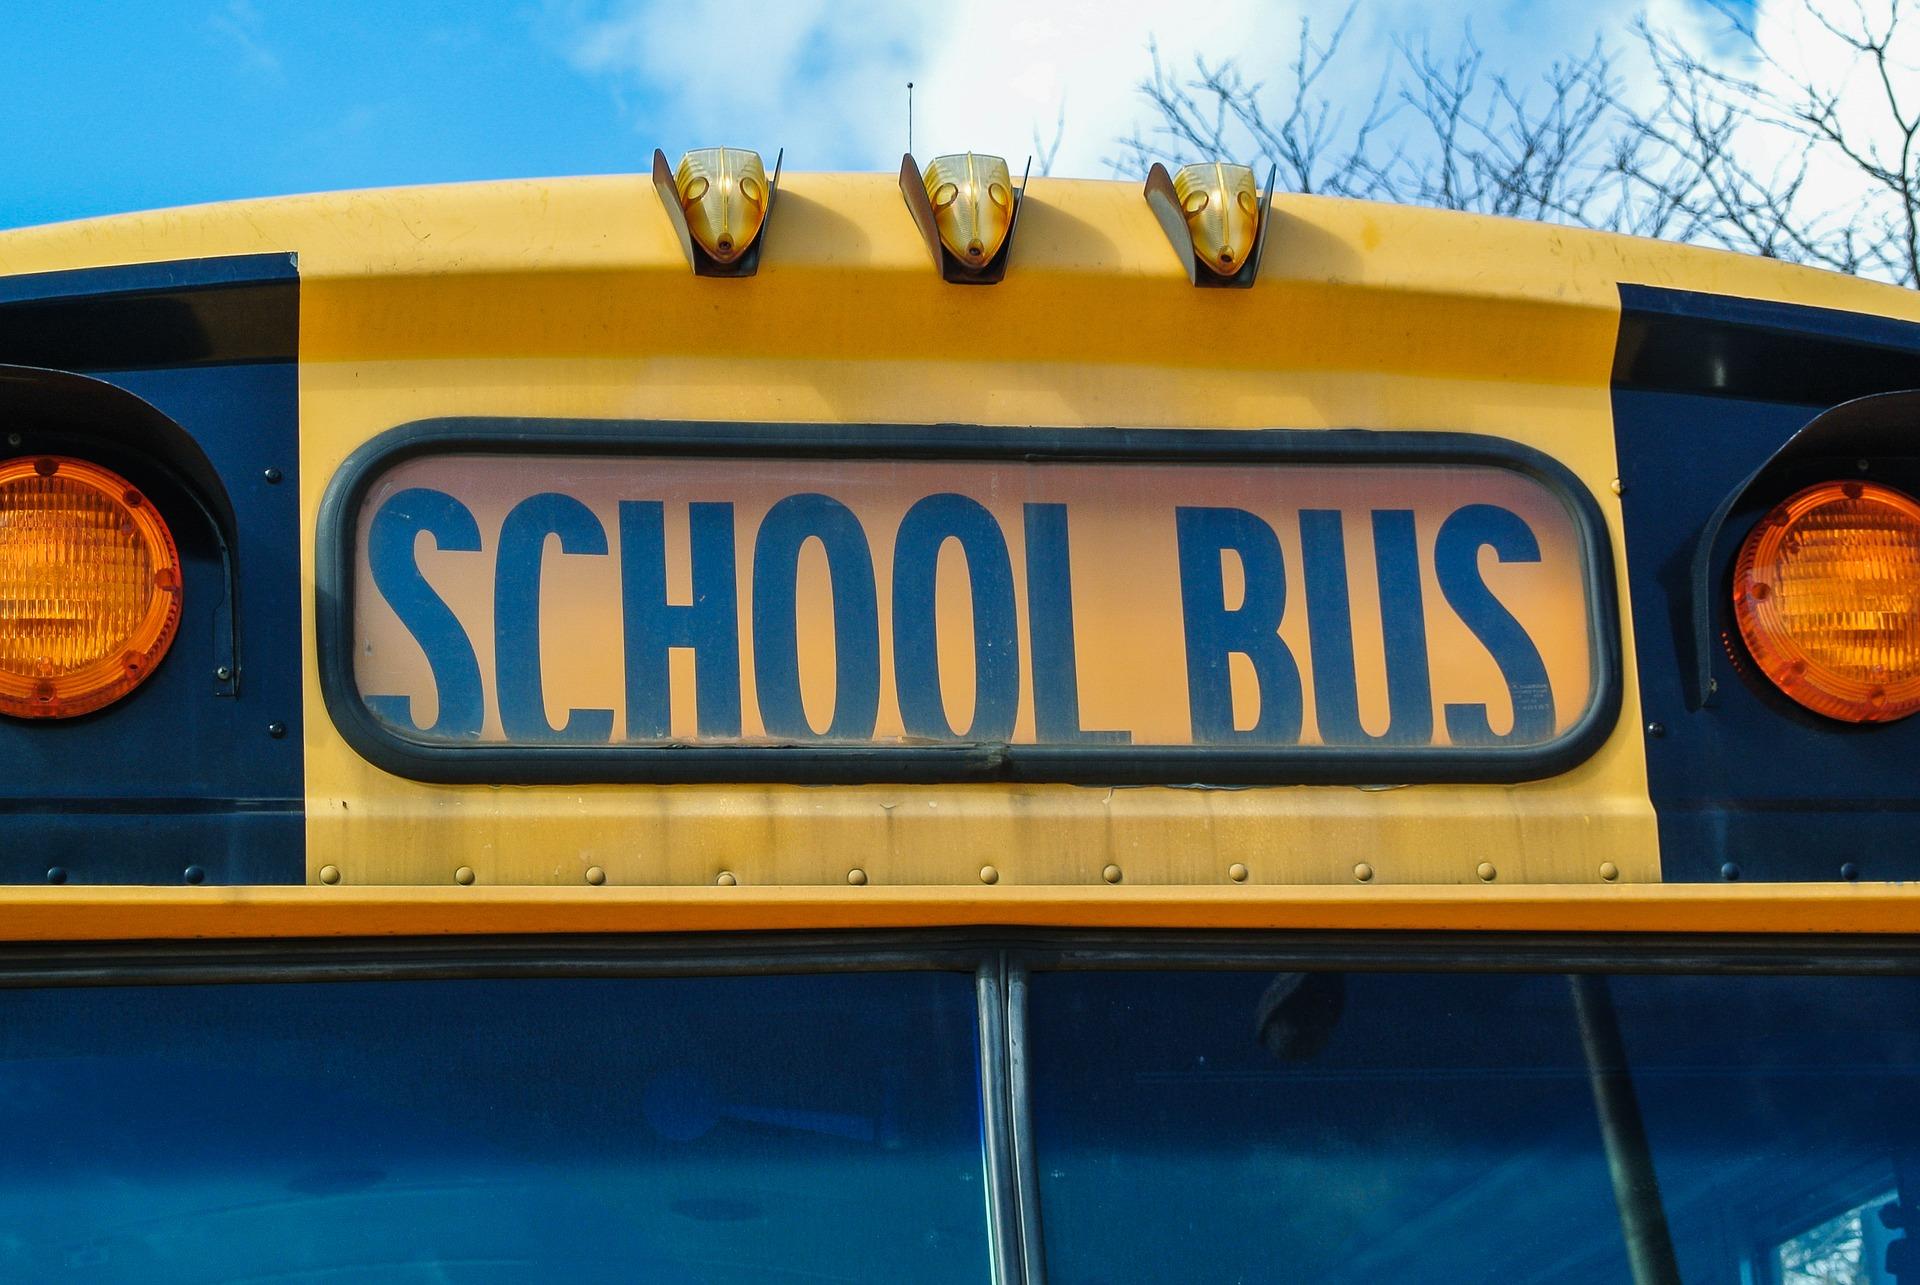 EDUCACIÓN. Autobús escolar